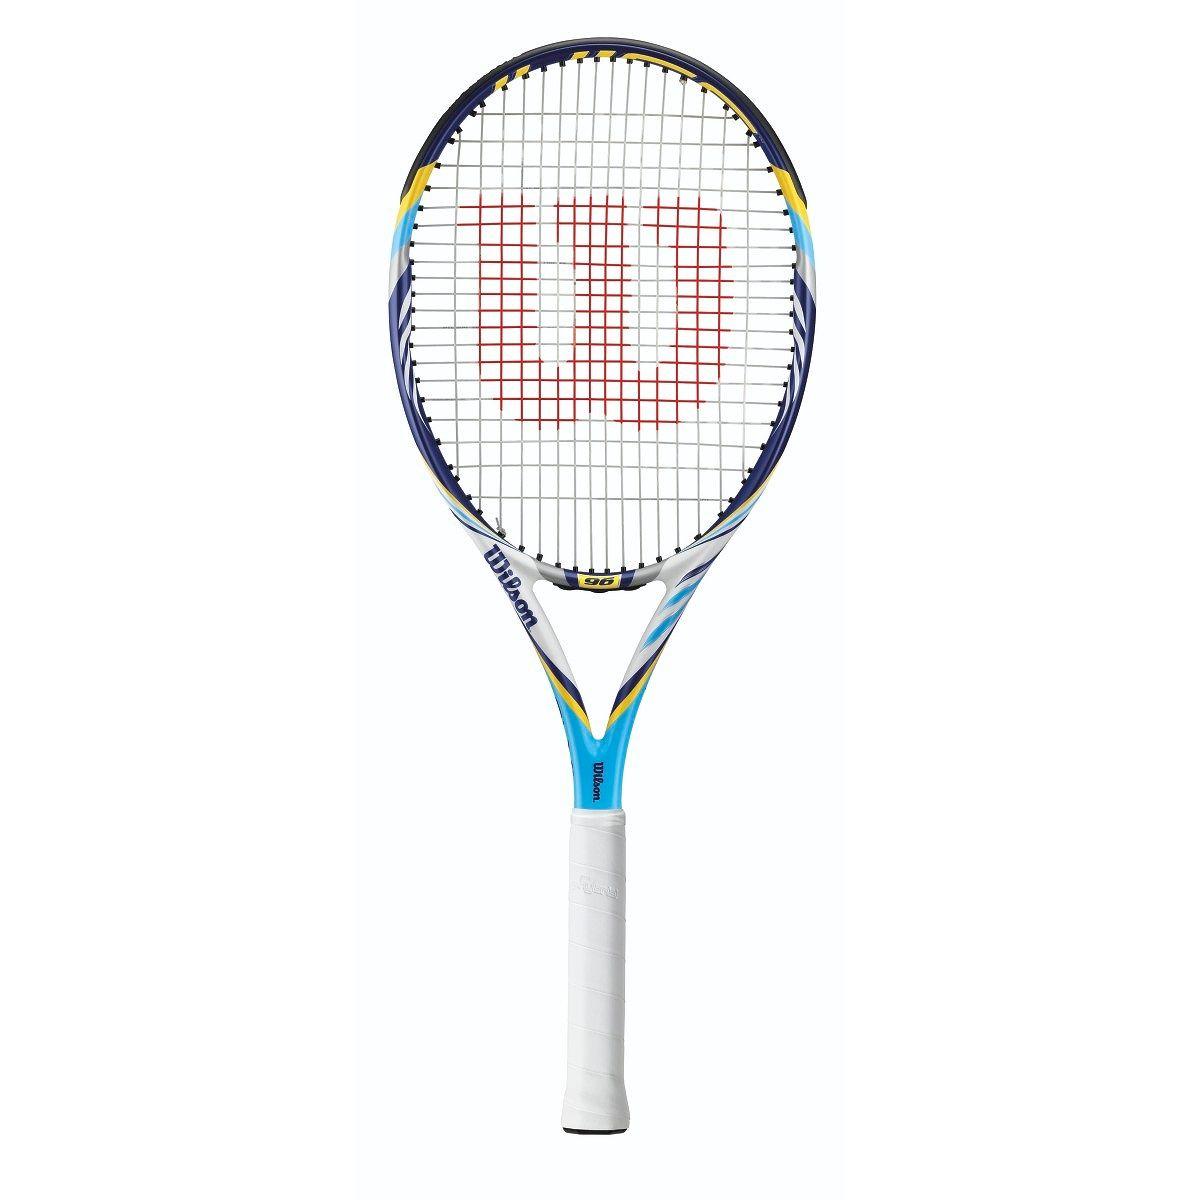 Wilson Juice Pro 96 Blx Tennis Racket